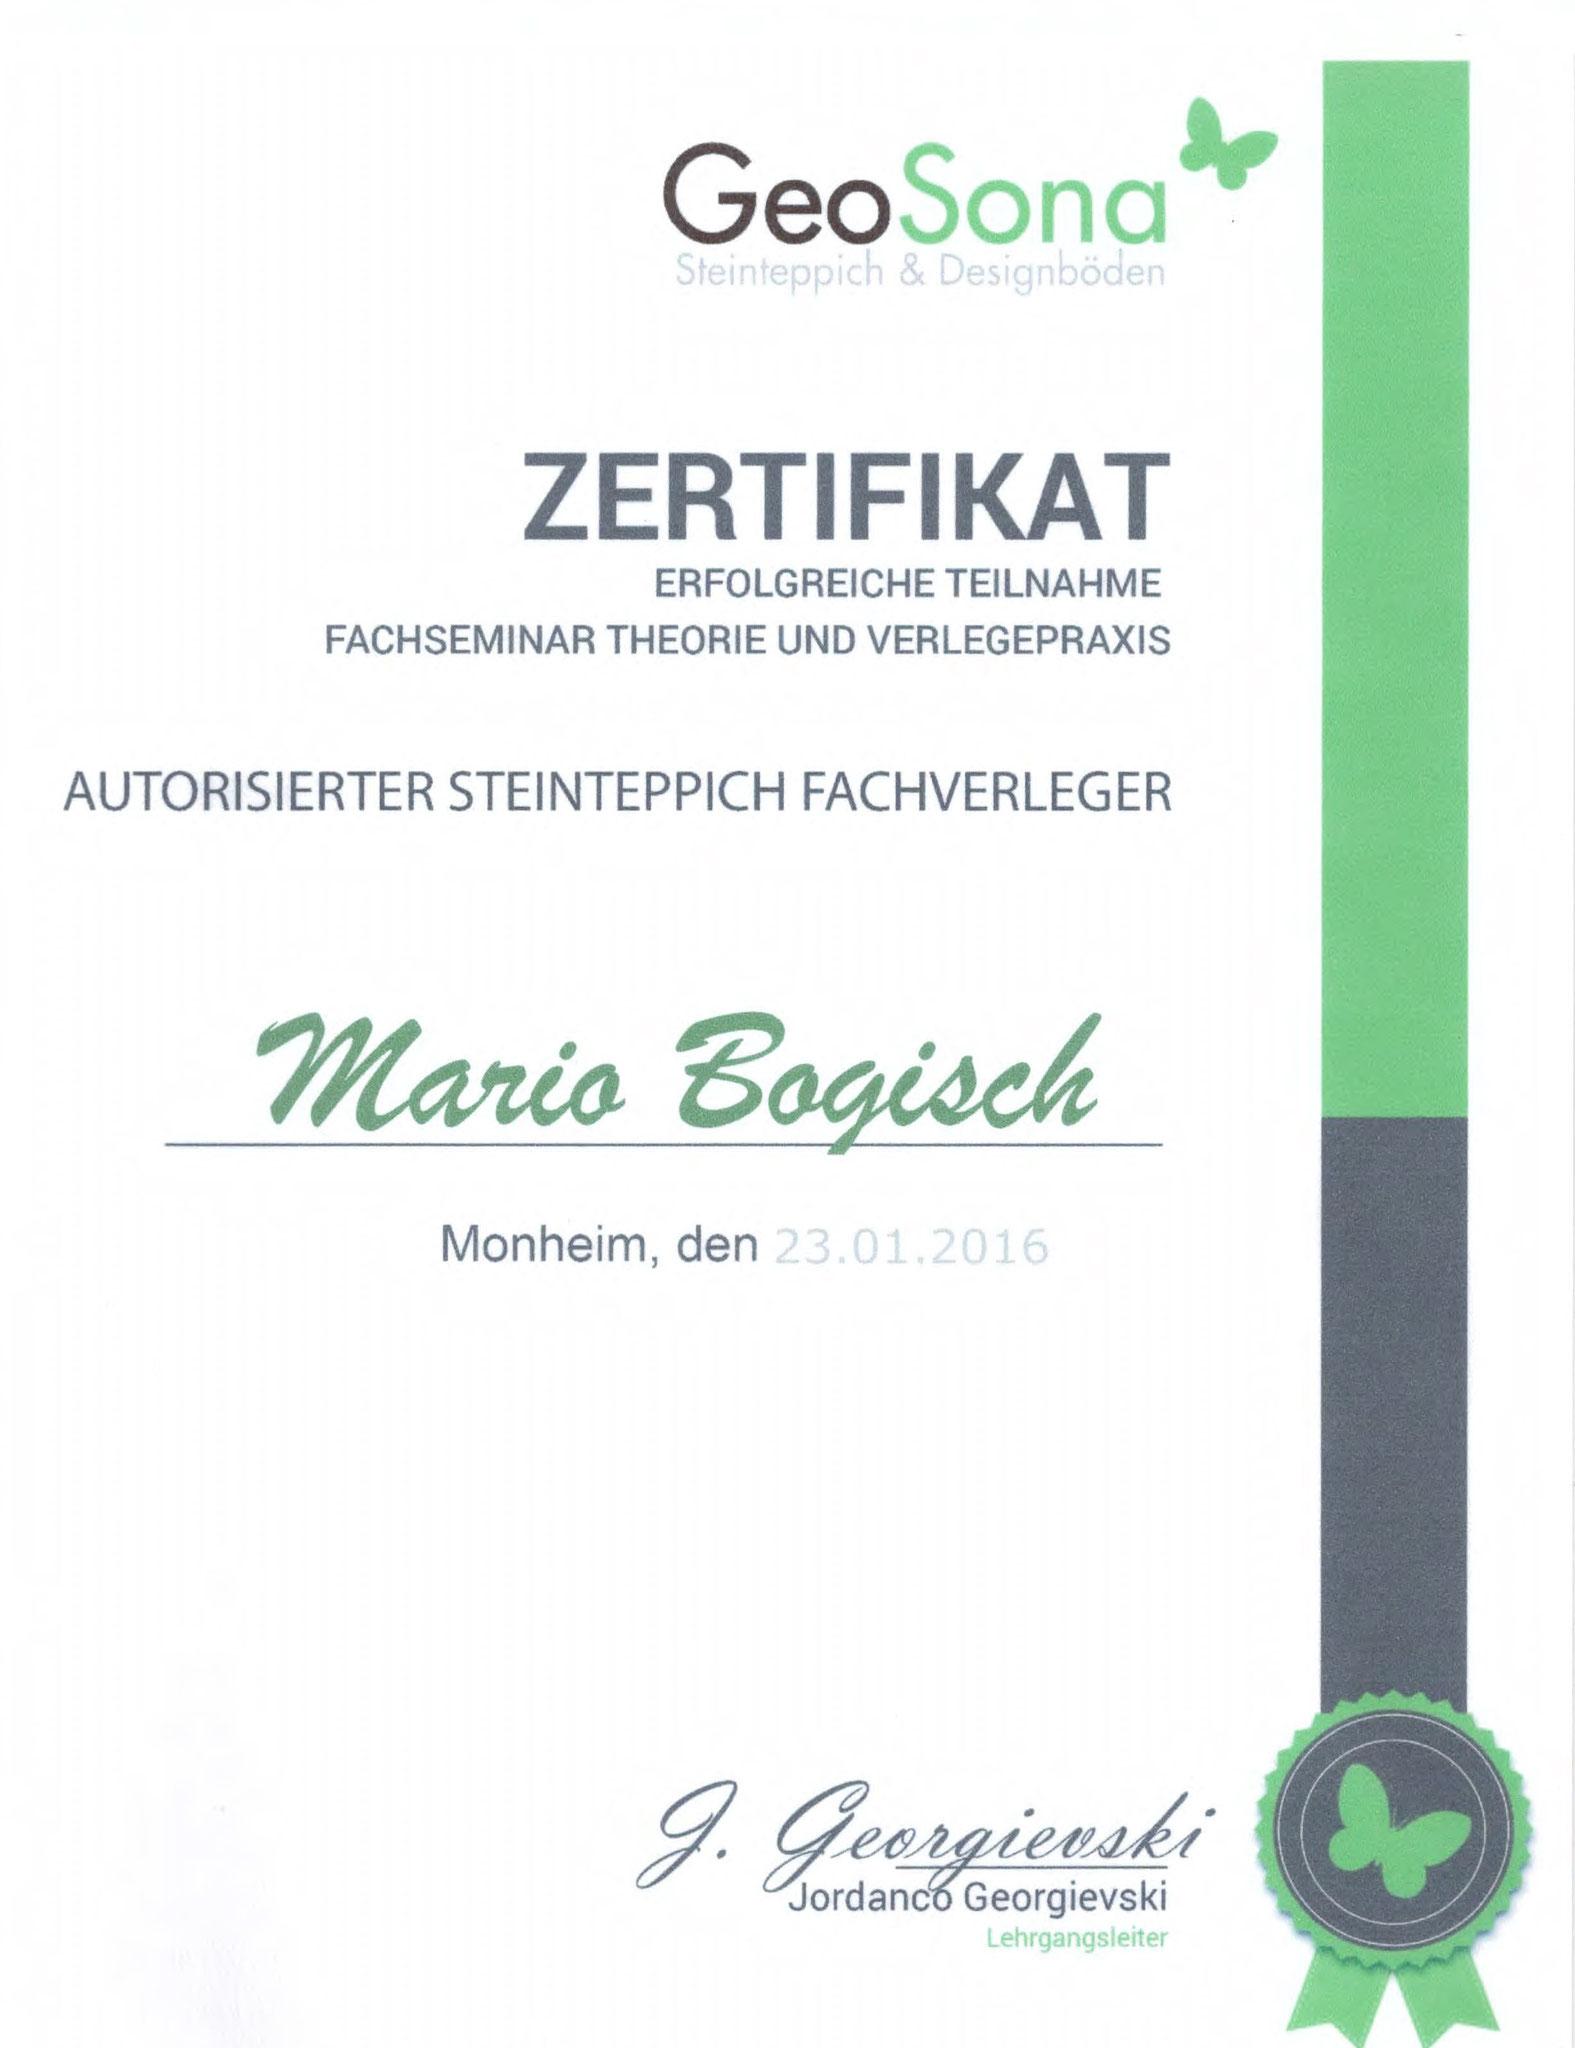 Zertifikat Steinteppich Fachverleger -  Mario Bogisch Bausysteme